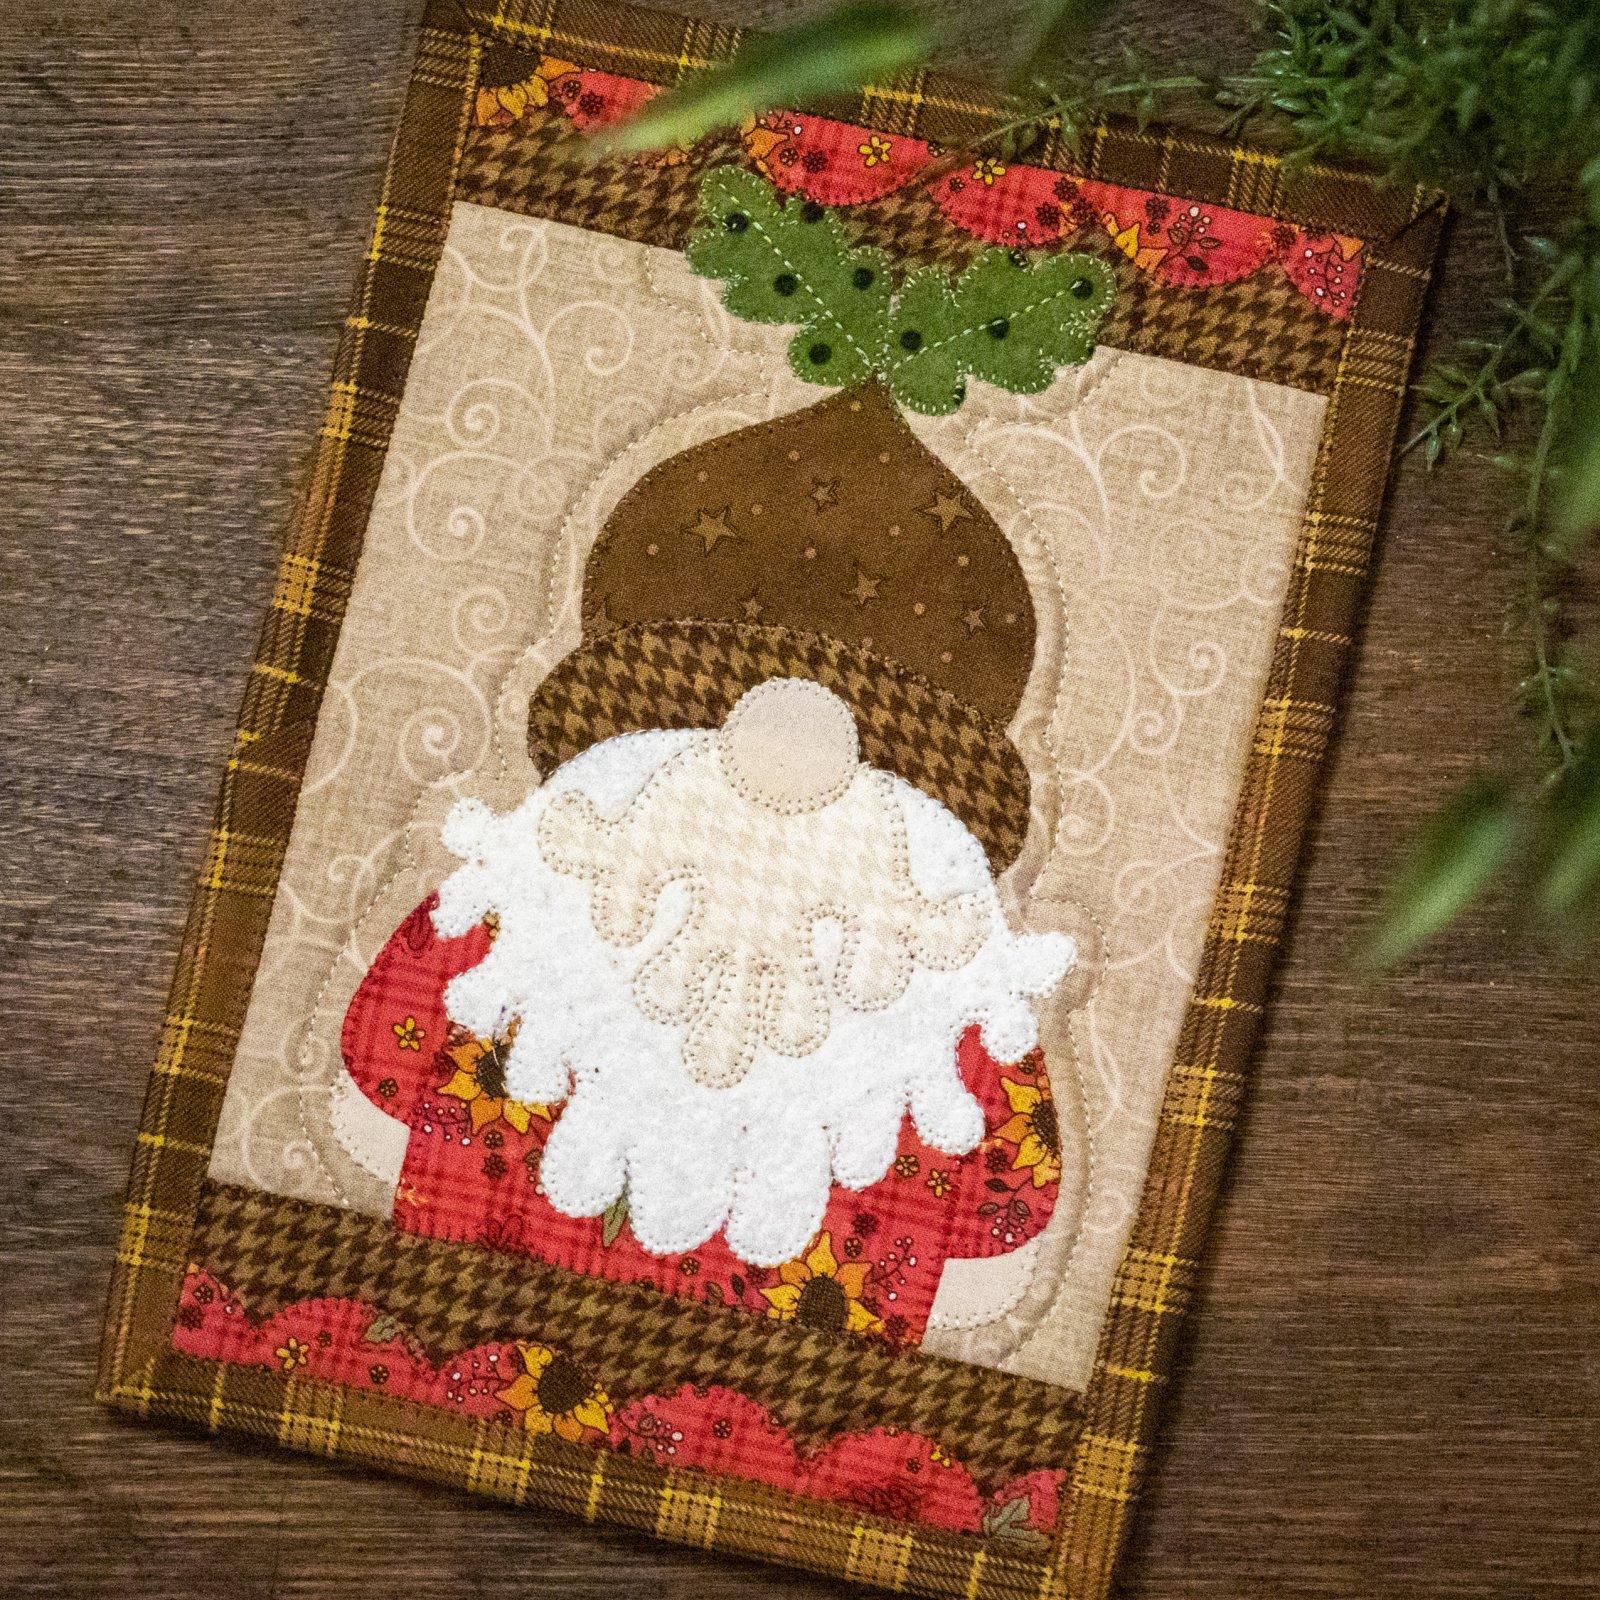 Acorn Gnome Mug Rug Kit